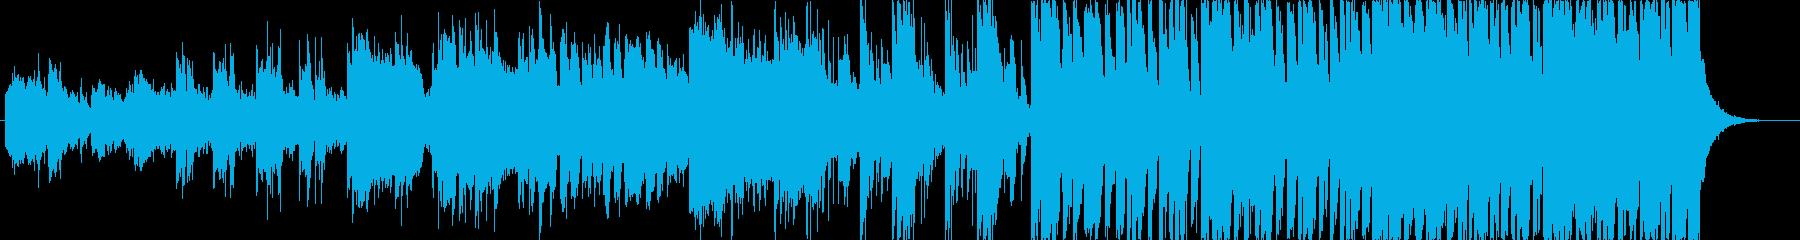 遊び人の曲、和風テイストの再生済みの波形